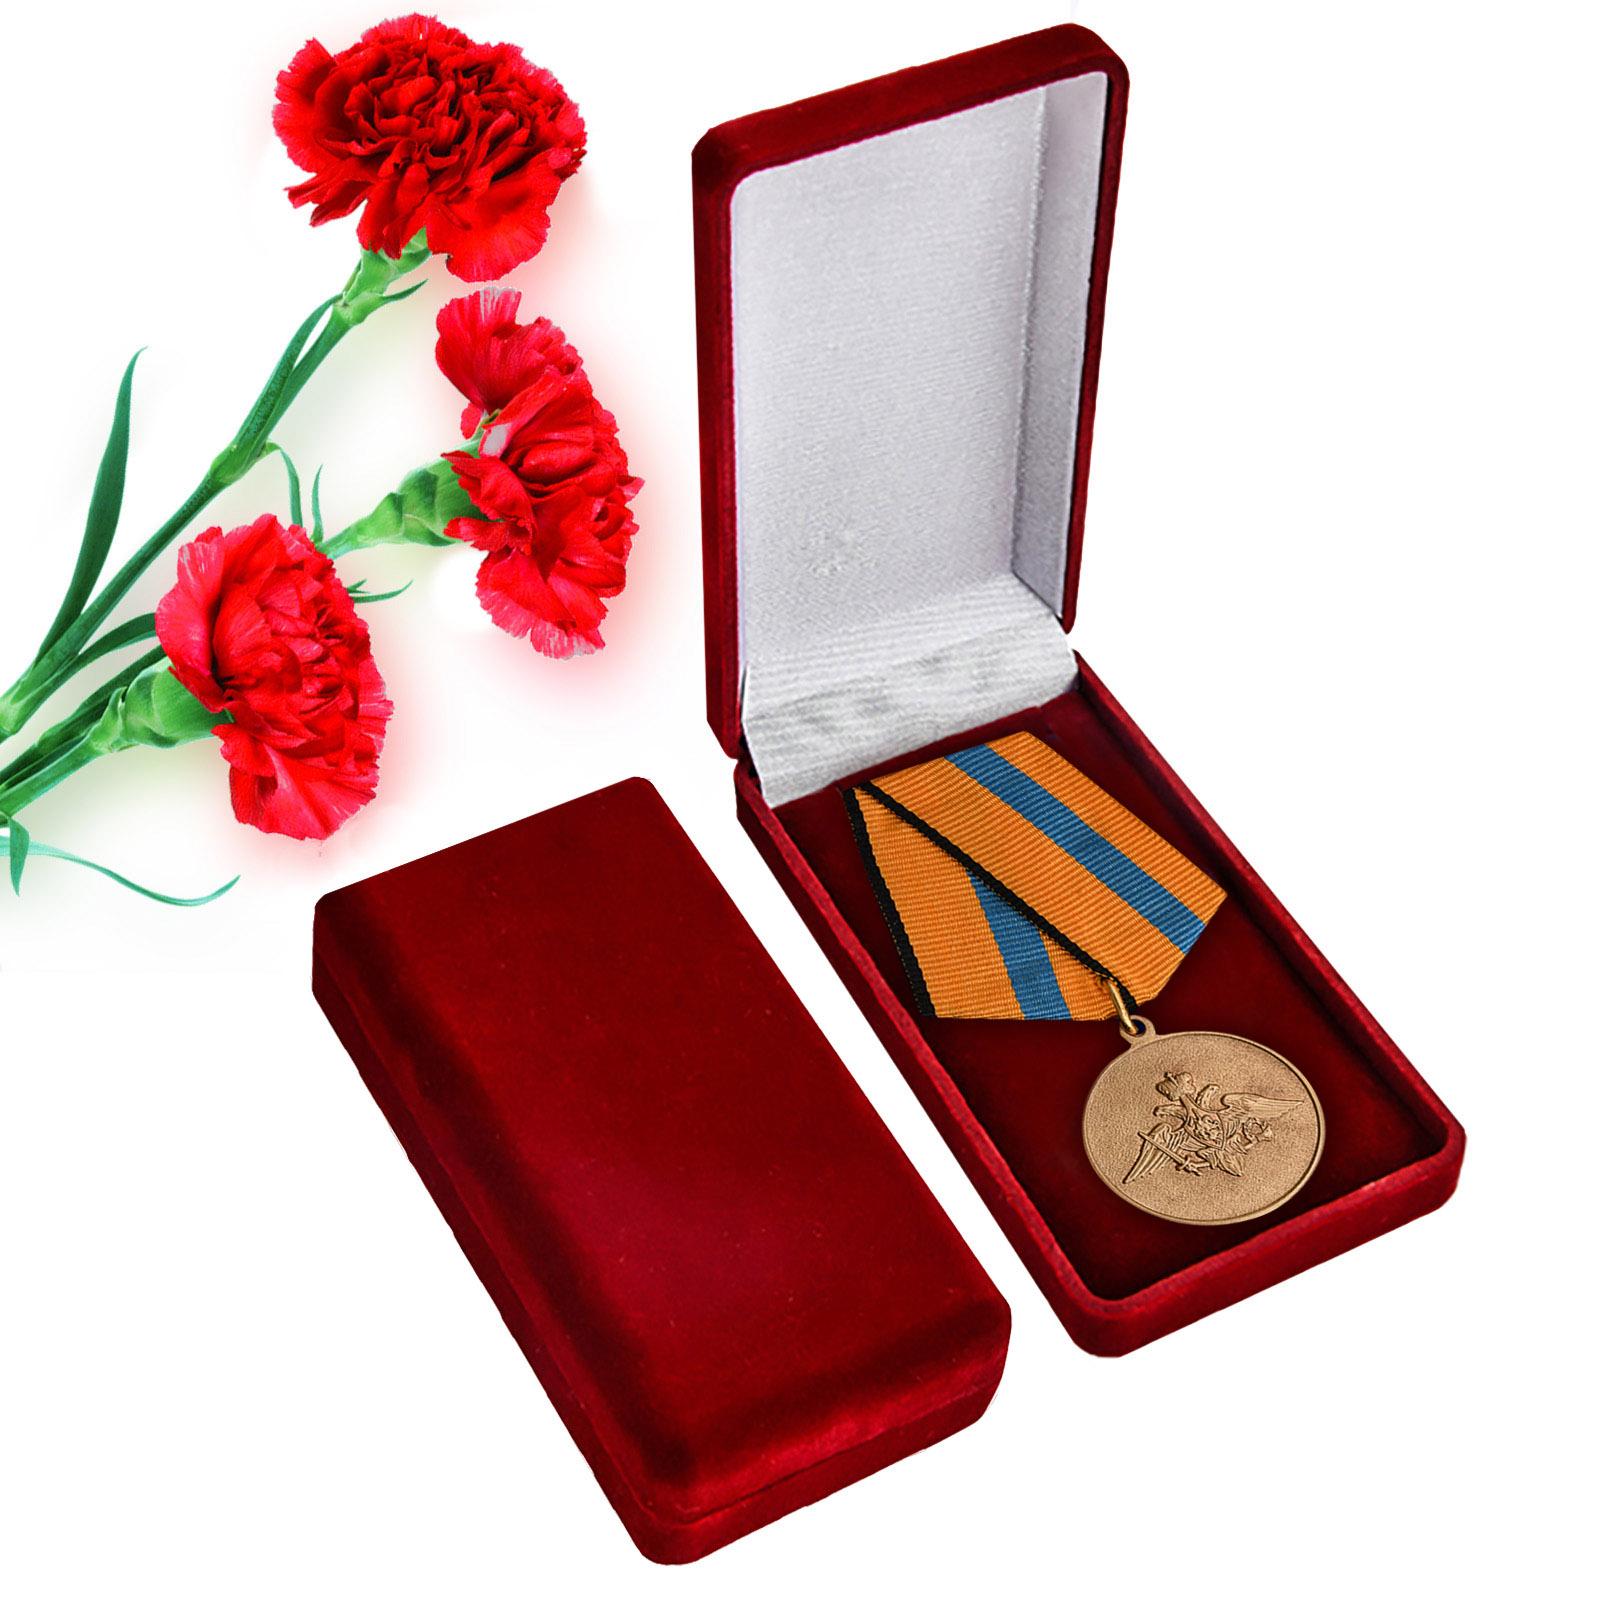 Купить медаль МО РФ Участнику борьбы со стихией на Амуре в подарок